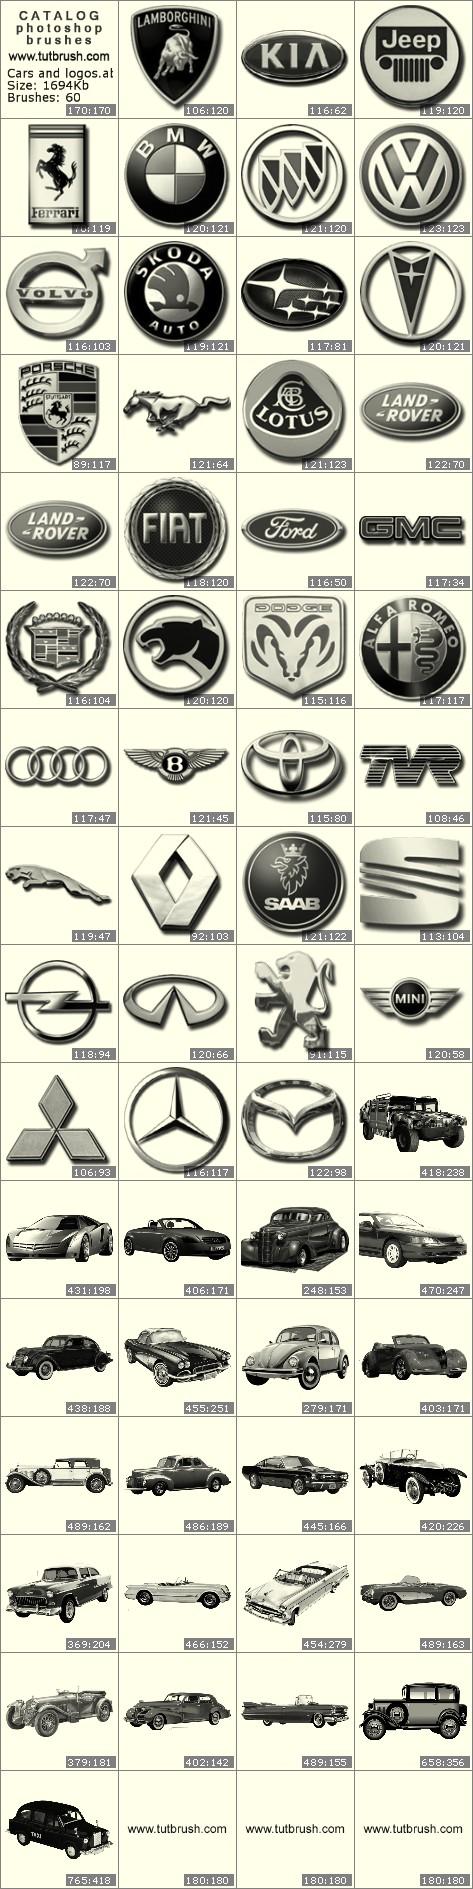 Кисти фотошоп Автомобили и логотипы: KIA, Jeep, BMW, VOLVO